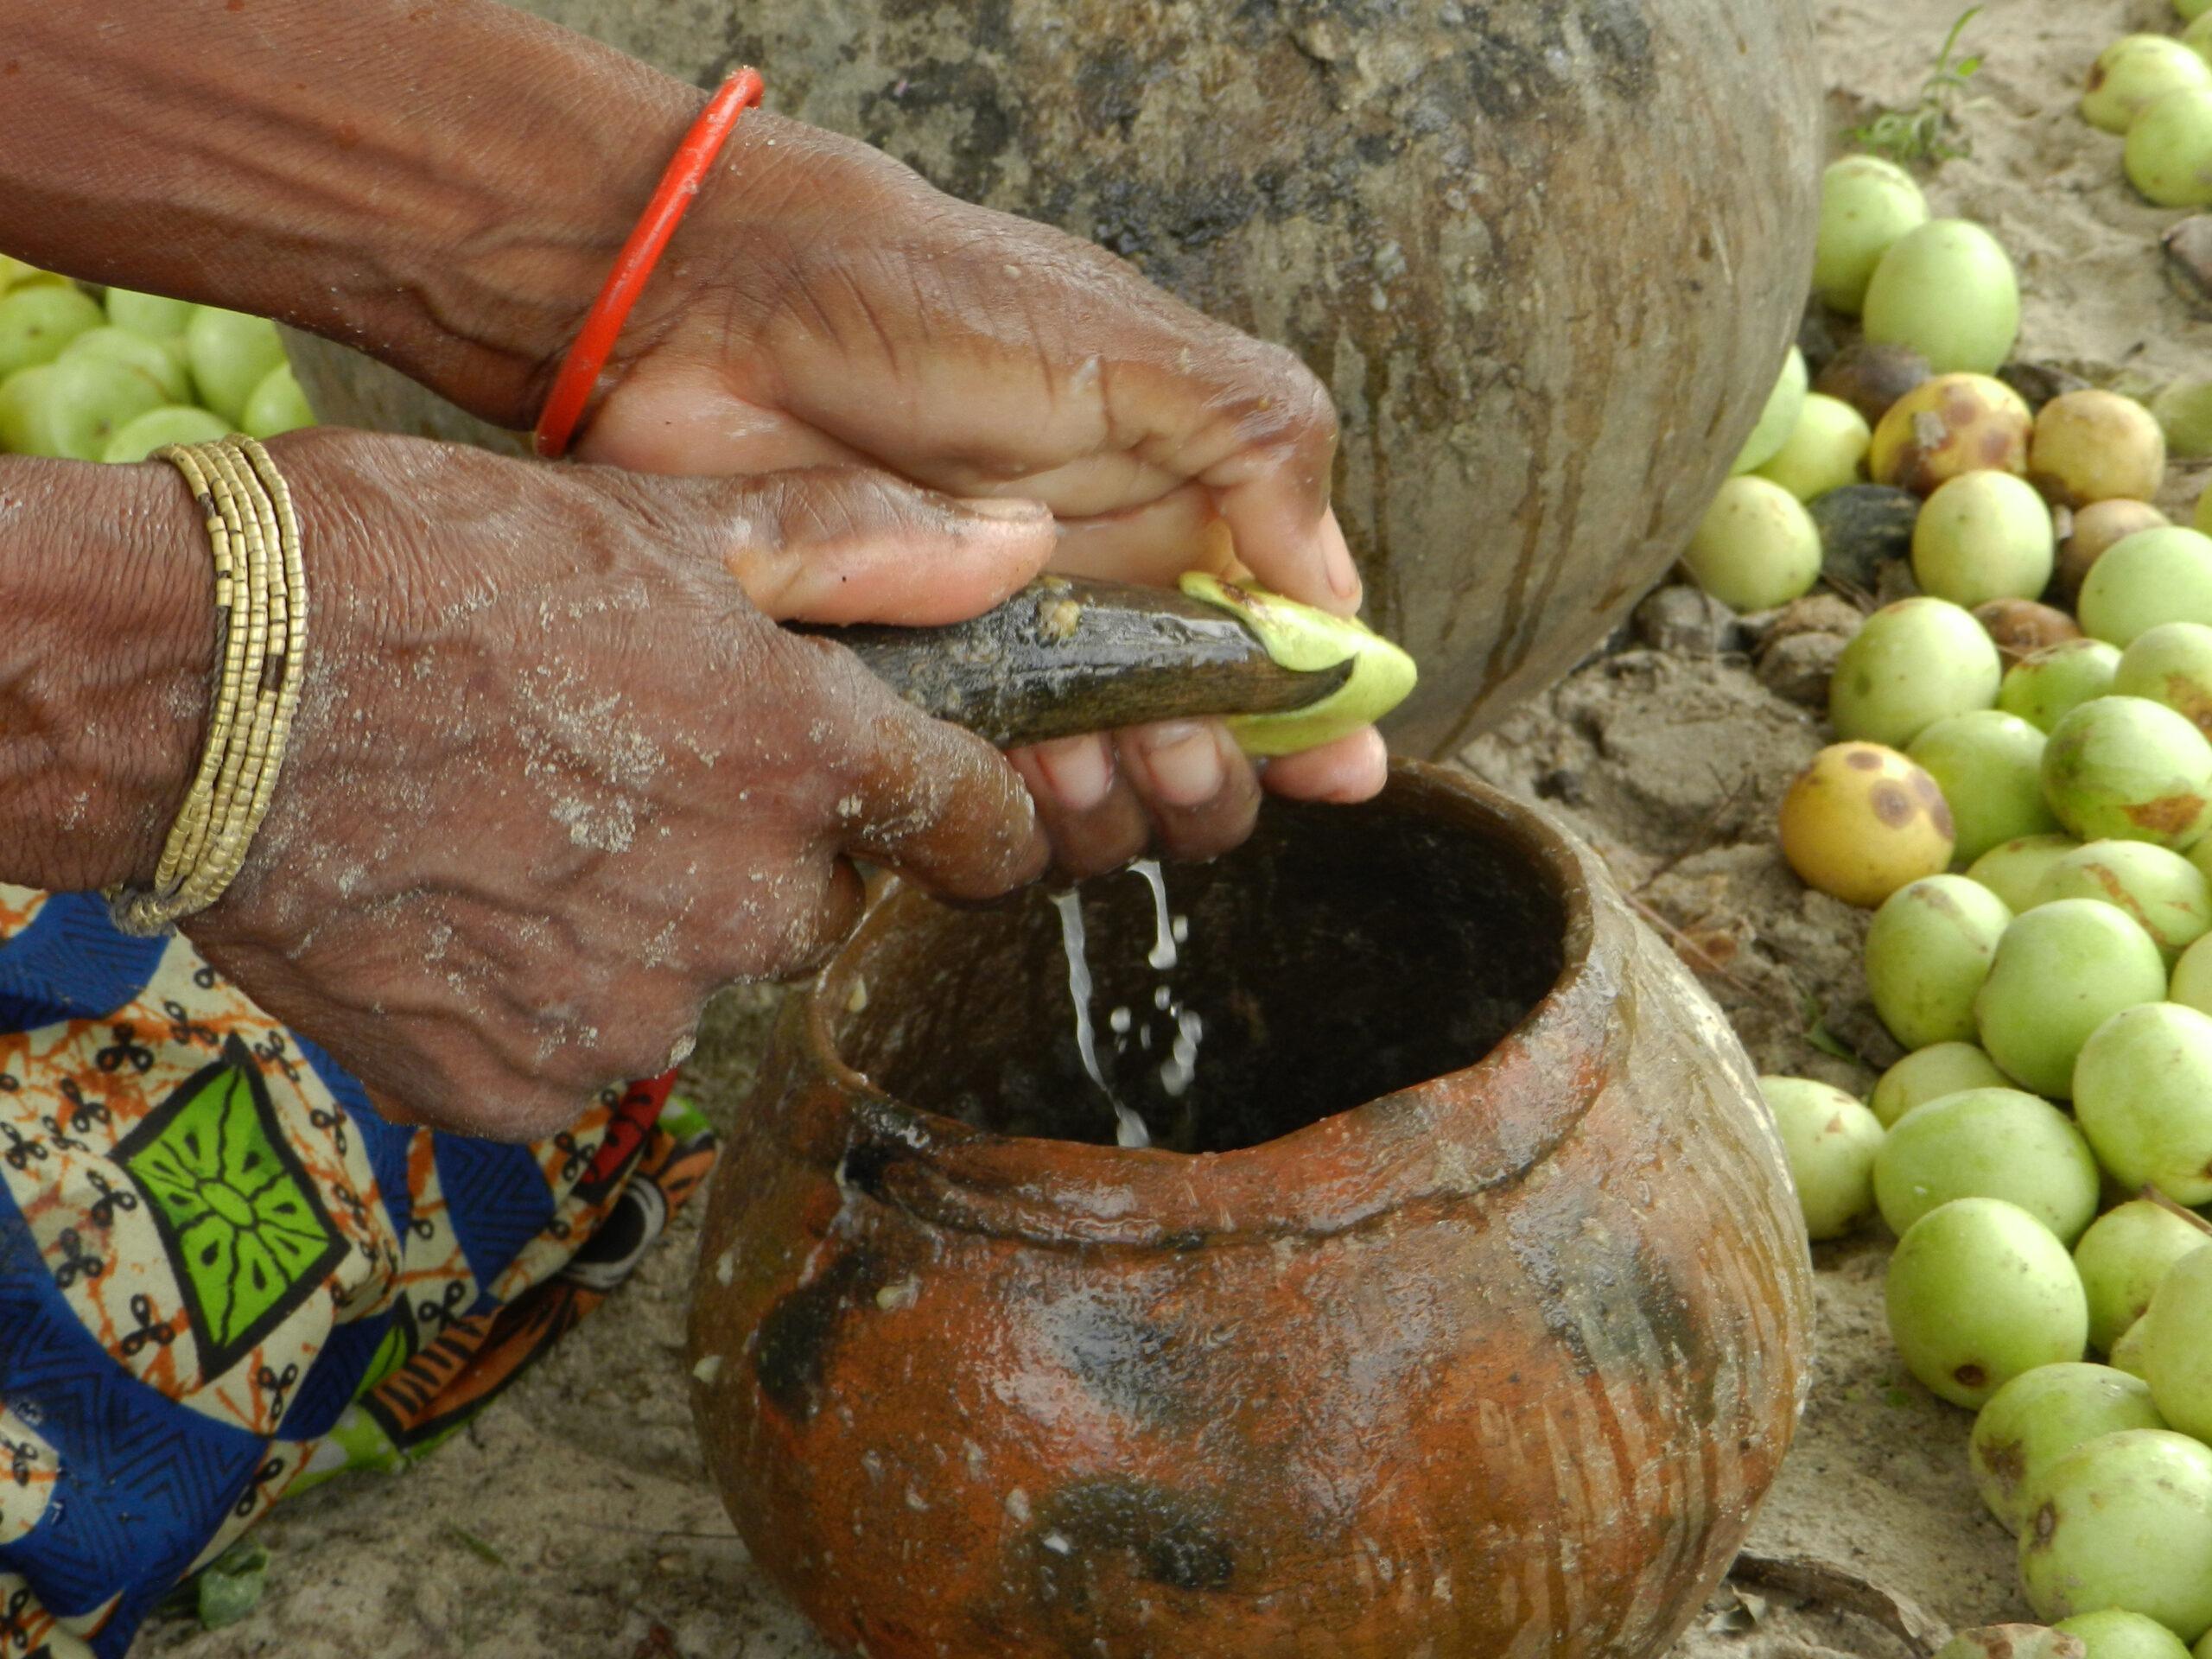 A marula fa gyümölcséből az ember is erjeszt alkoholos italt